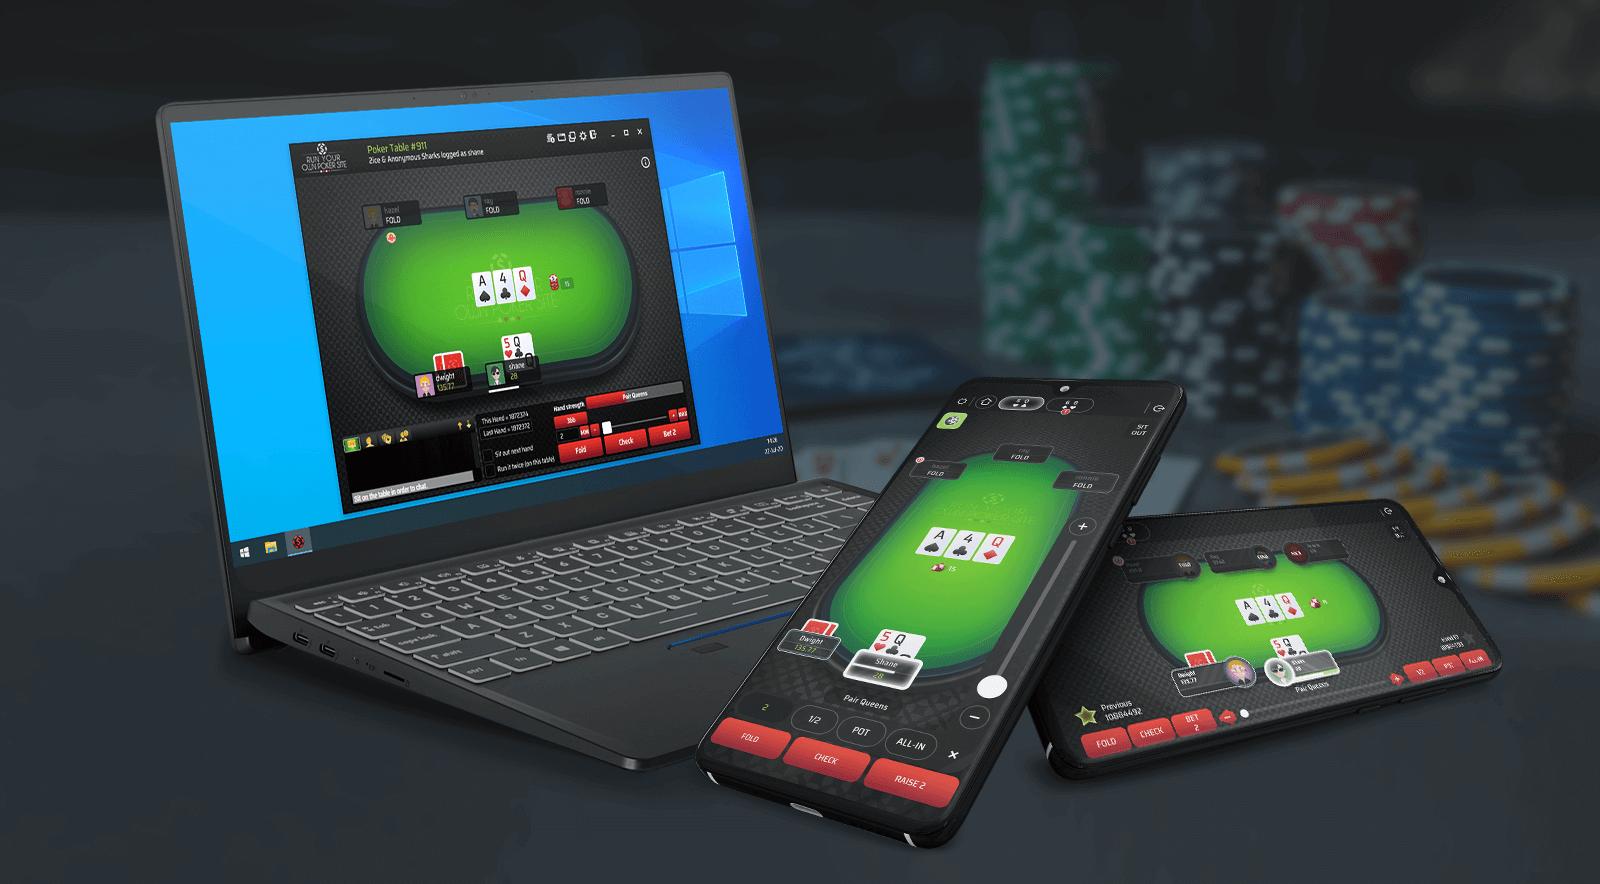 ryops-poker-platform